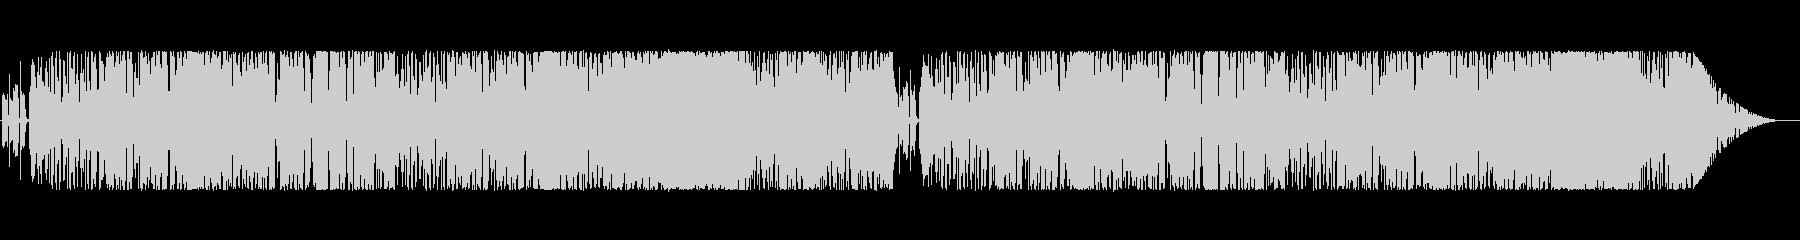 エッジの効いたファンク・フュージョン風の未再生の波形